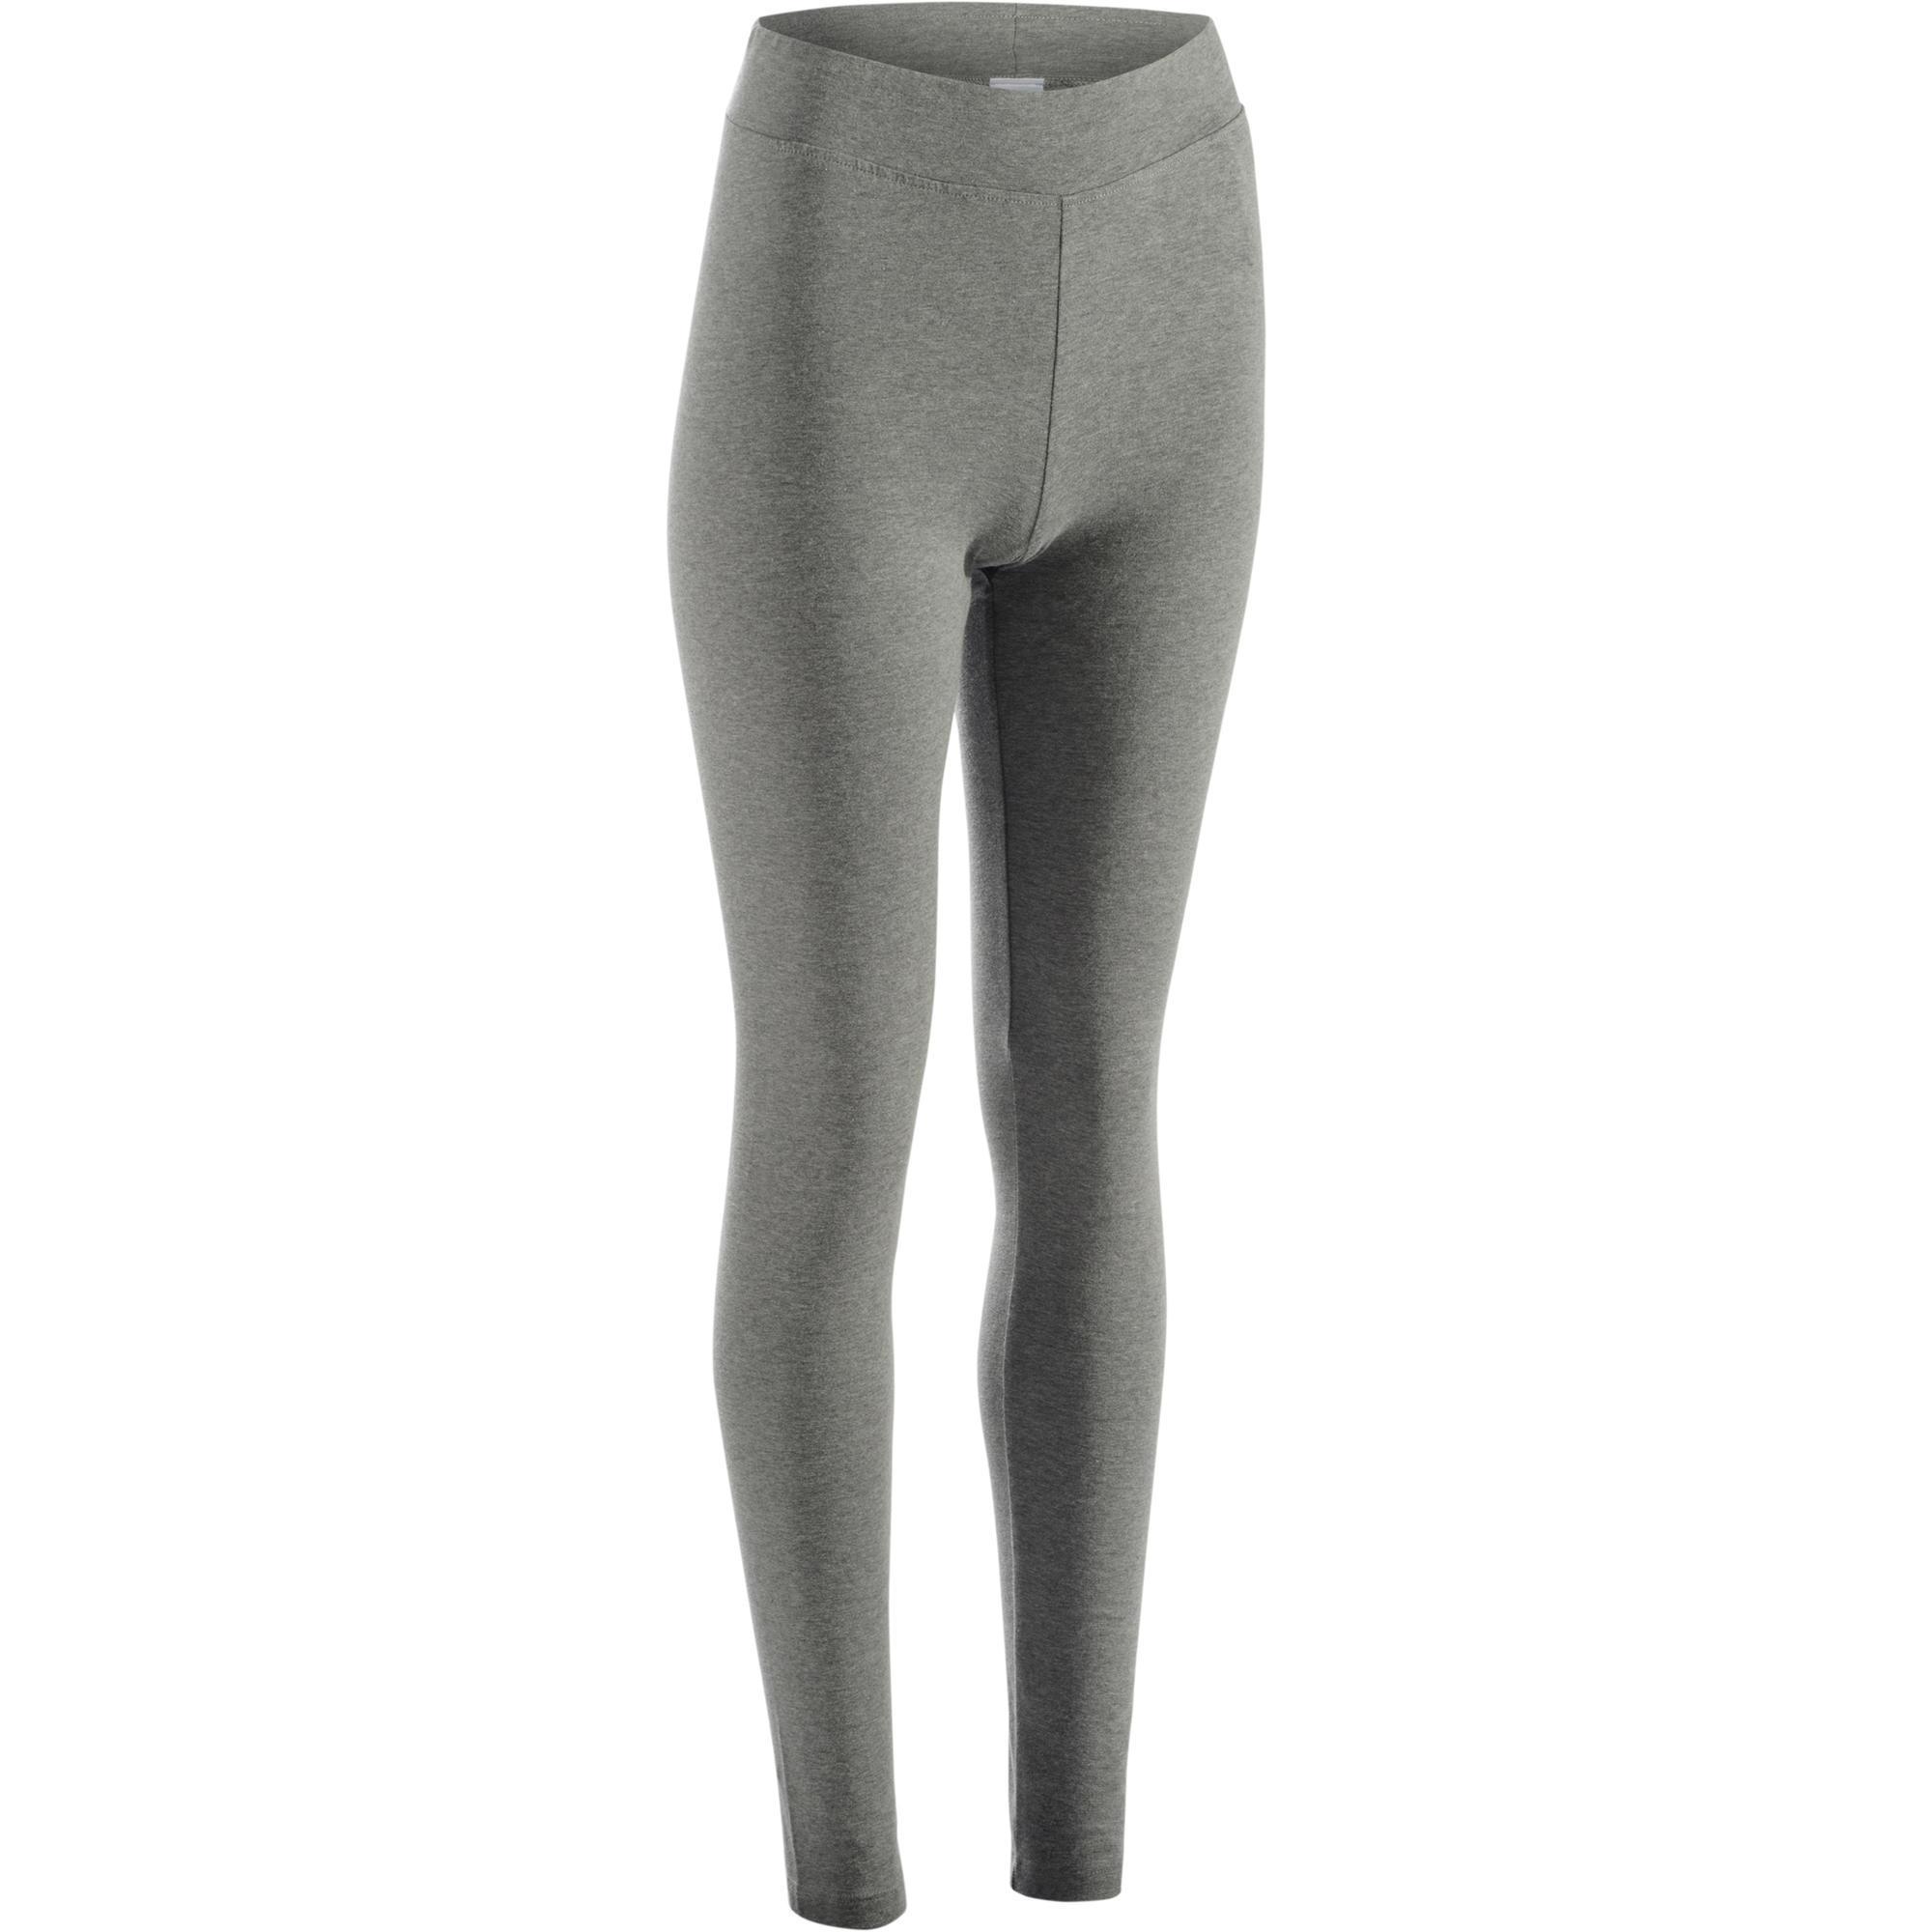 Domyos Legging FIT+ 500 slim fit gym en stretching dames grijs kopen met  voordeel acba7deb714